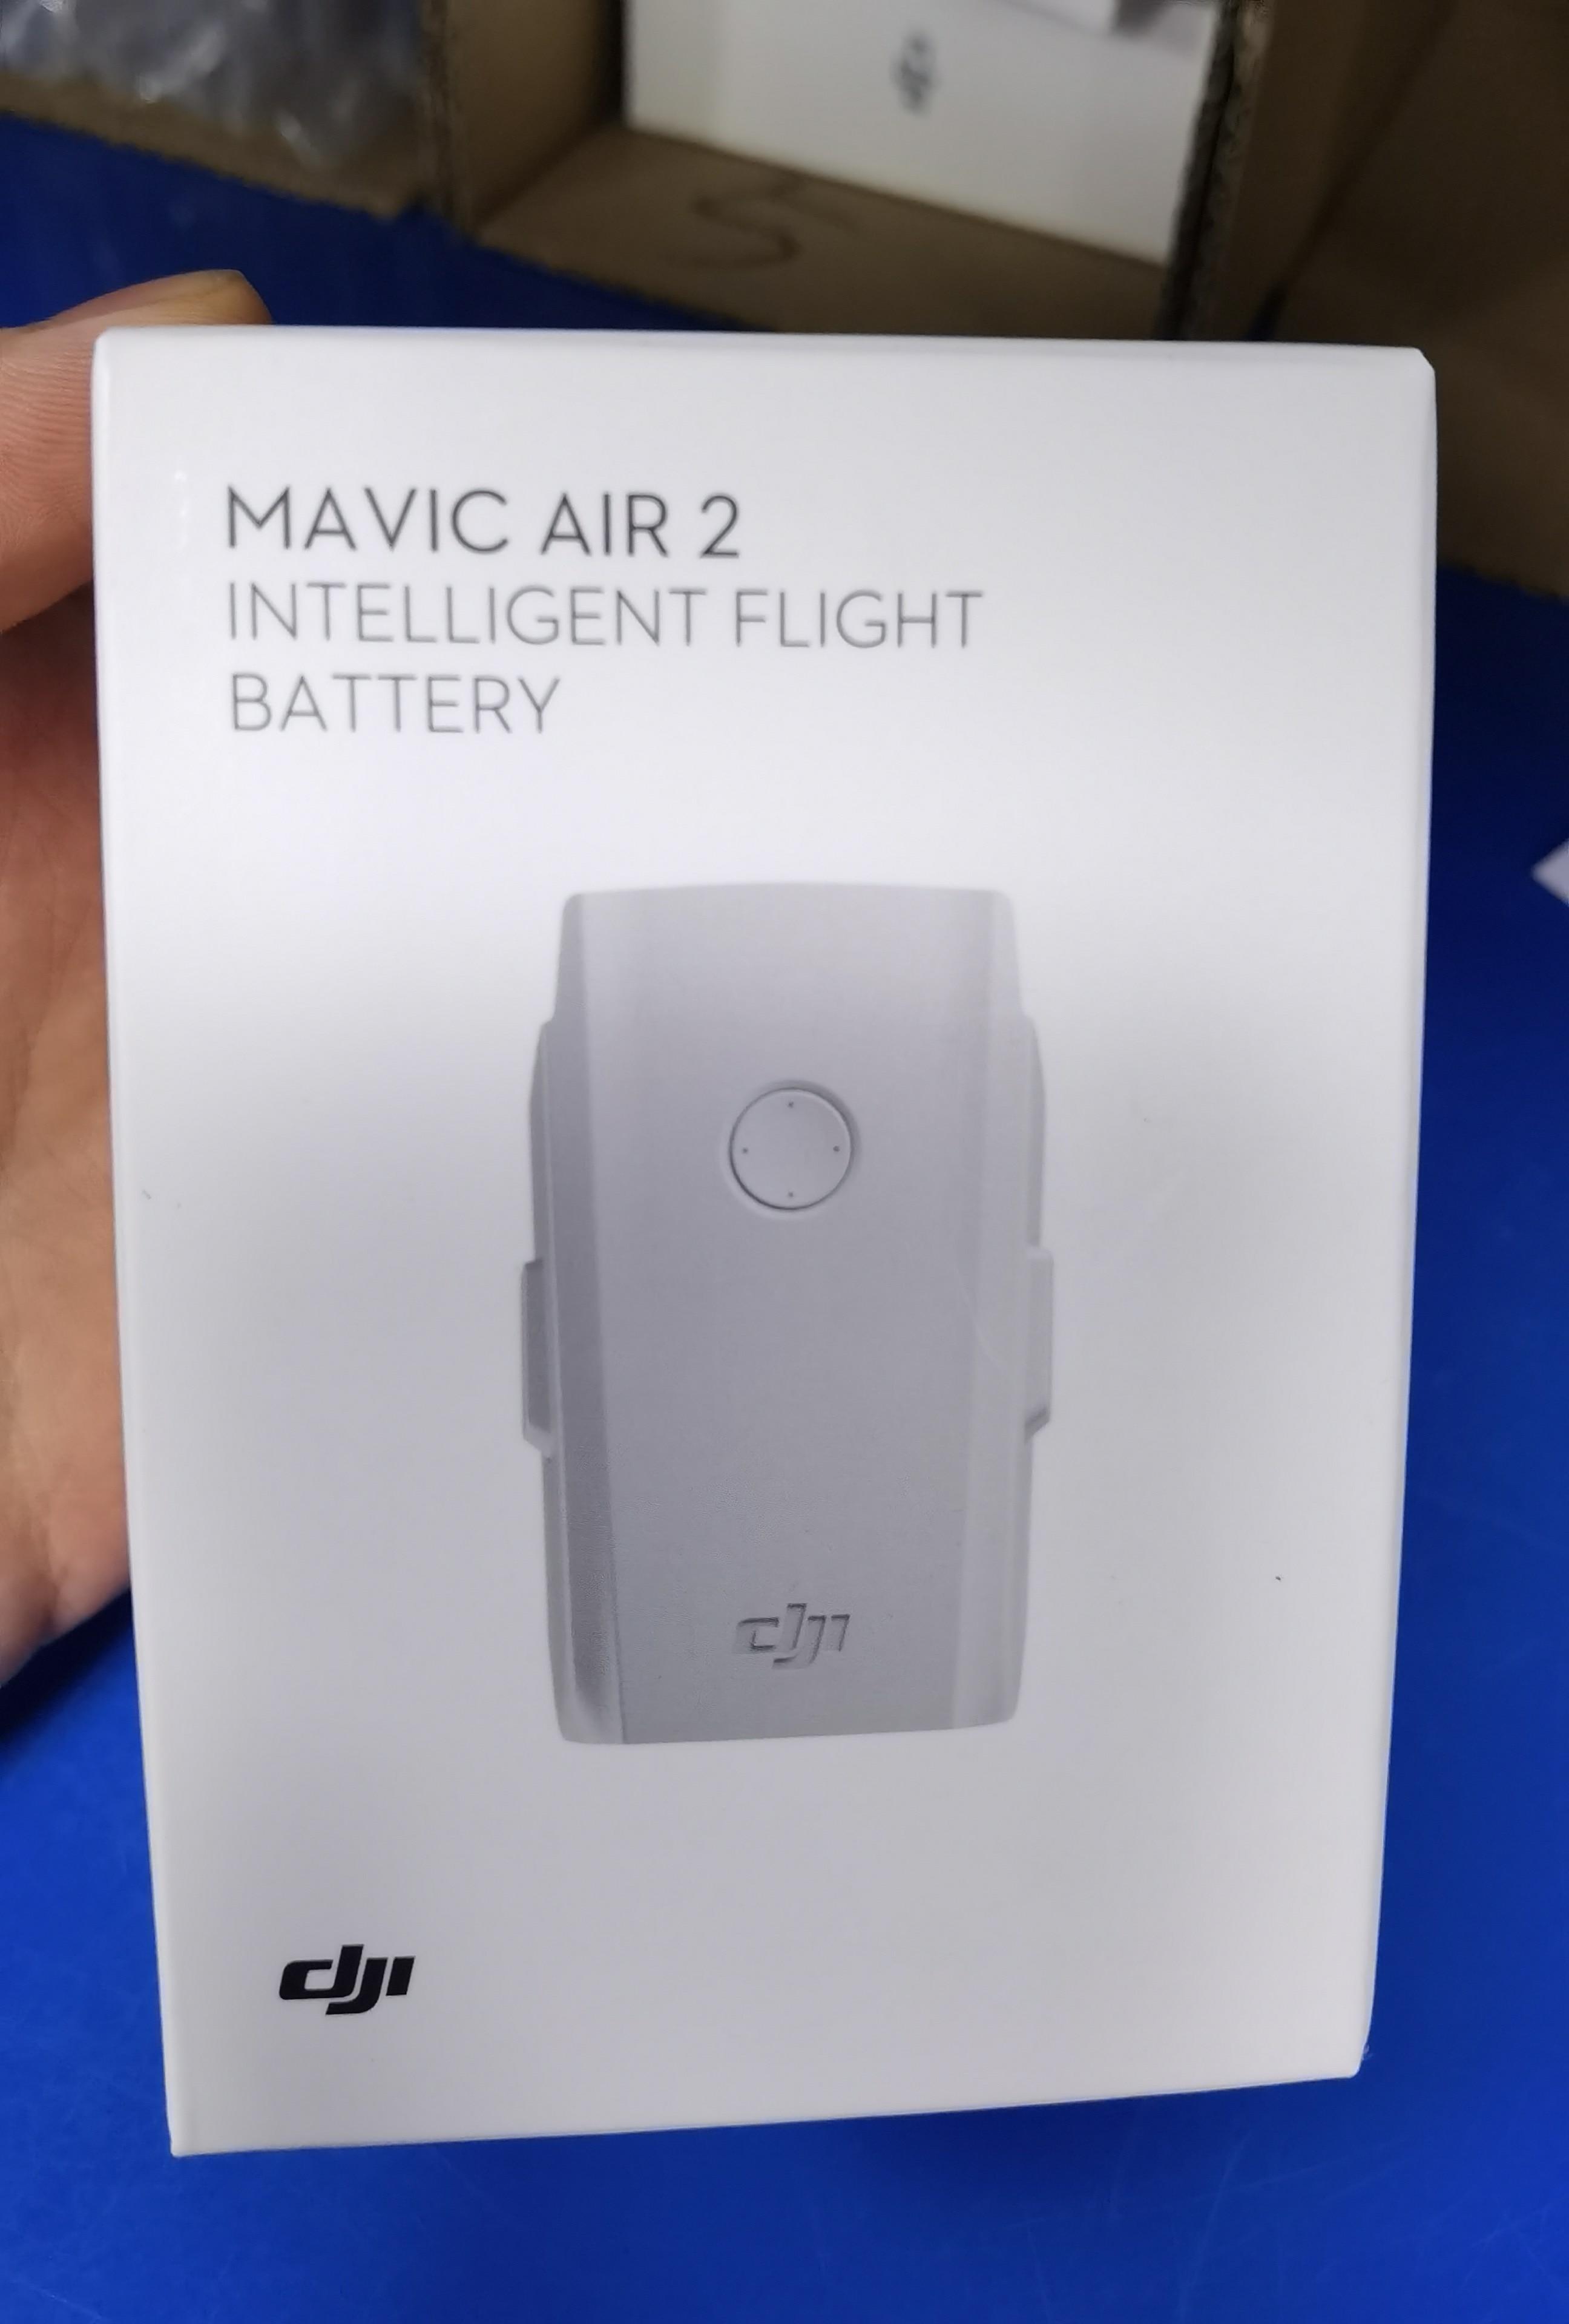 بطارية أصلية DJI Mavic Air 2 بقدرة 3500 مللي أمبير في الساعة بطارية عالية الطاقة وقت الطيران لمدة 34 دقيقة لطائرة Mavic Air 2S/2 طائرة عالمية بدون طيار